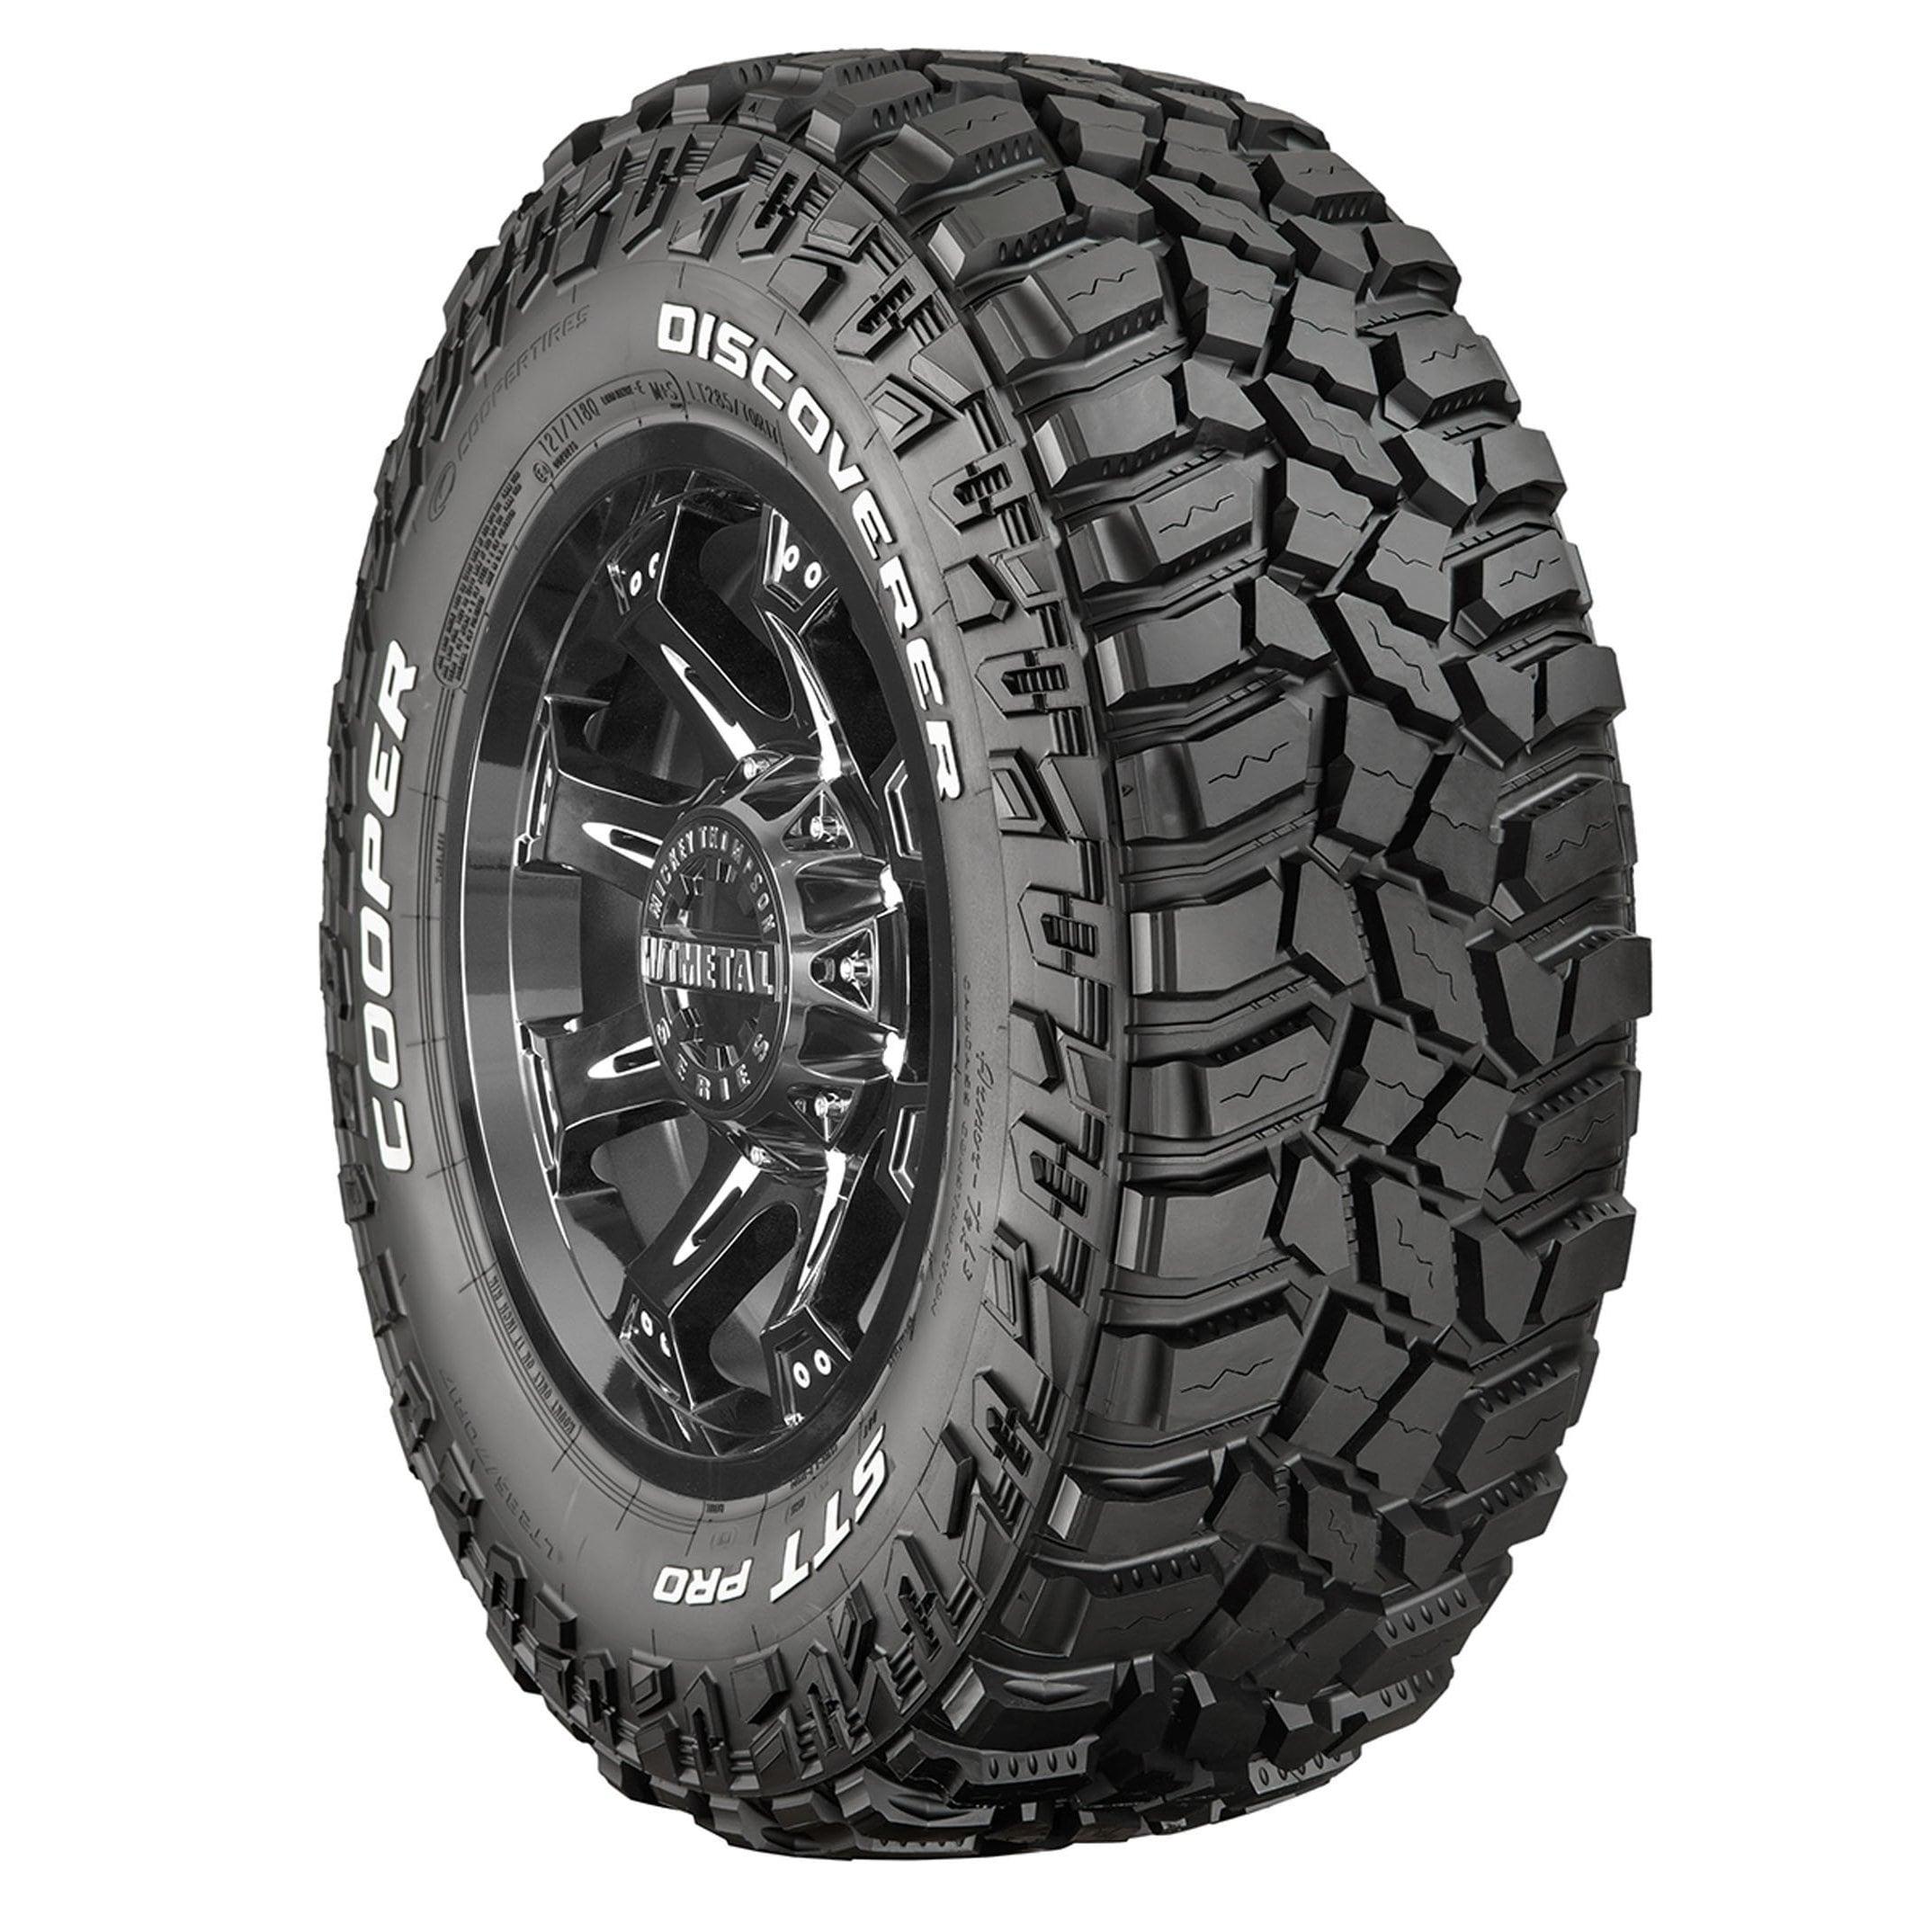 COOPER Discoverer STT Pro Off Road Tire - LT275/70R18 LRE...